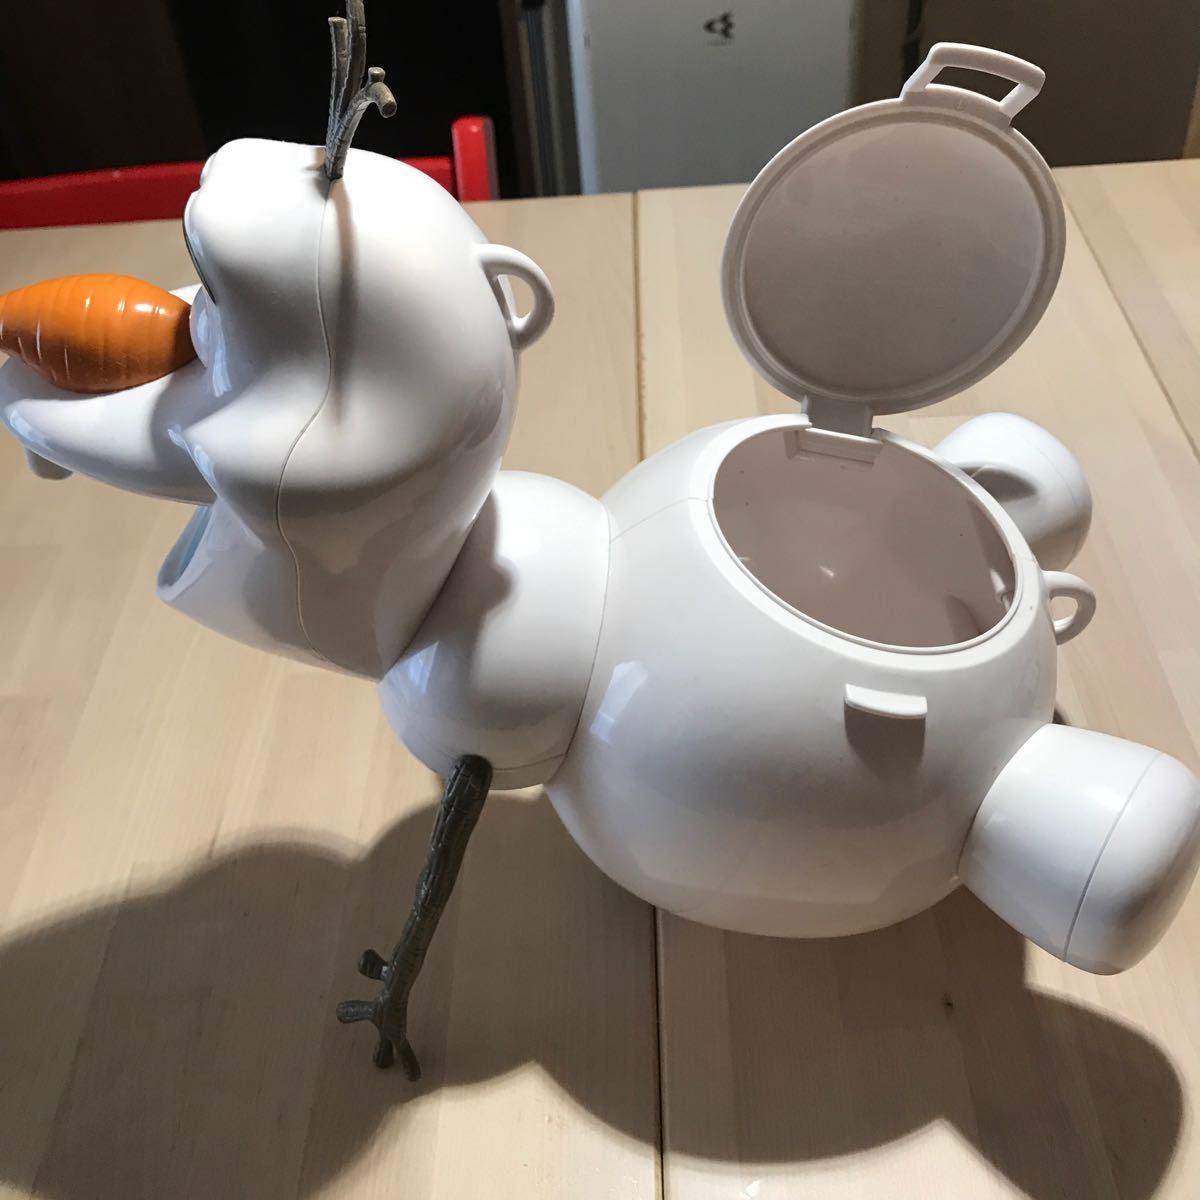 オラフのポップポーンバスケット—Tokyo Disney RESORTロゴ有り—